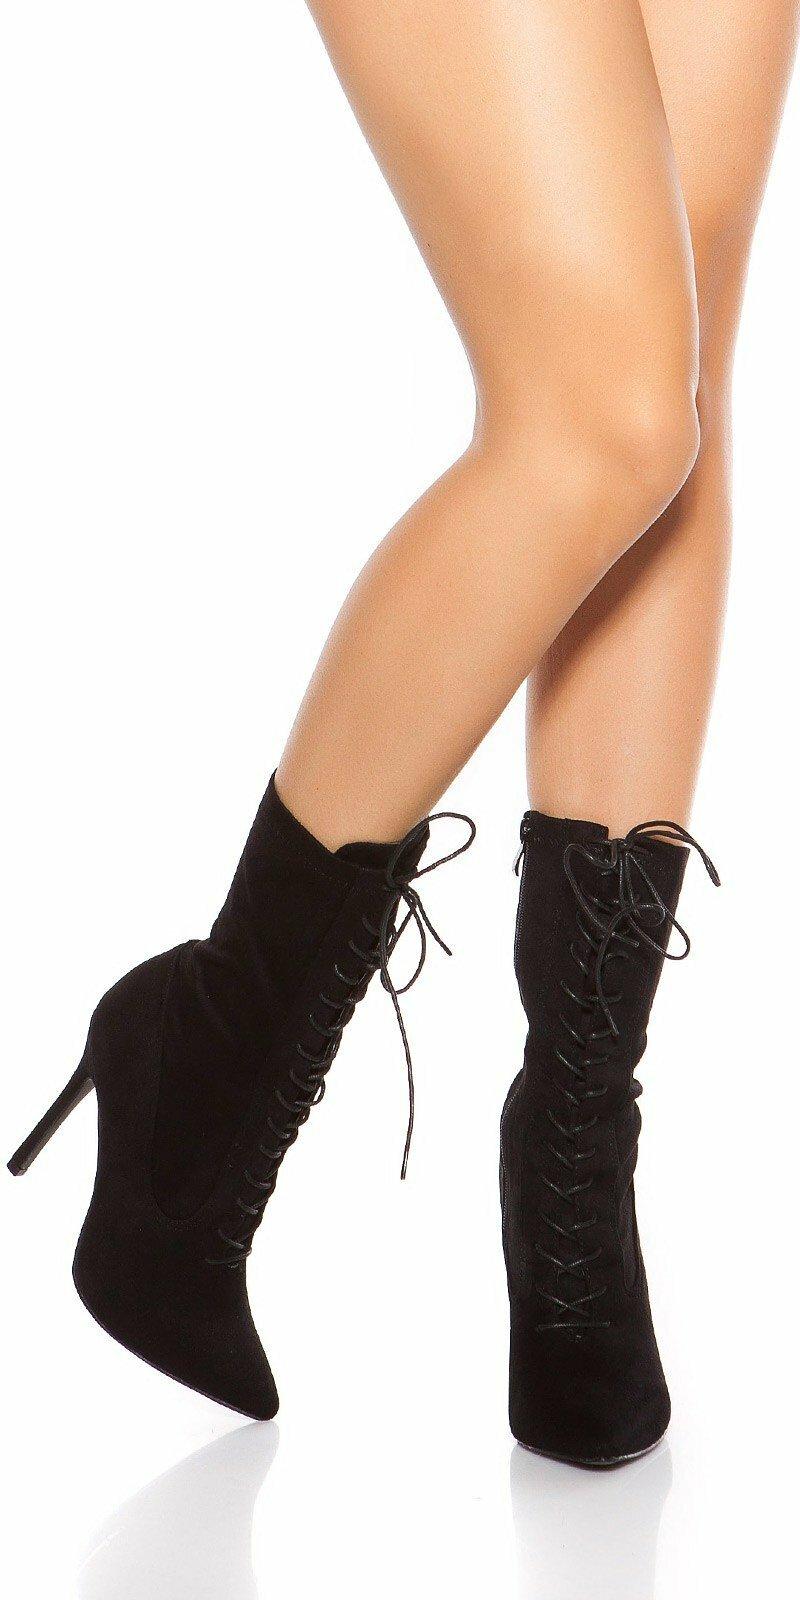 82e3578131 Šnurovacie členkové čižmy  Velkosť topánok 38 Farba Čierna